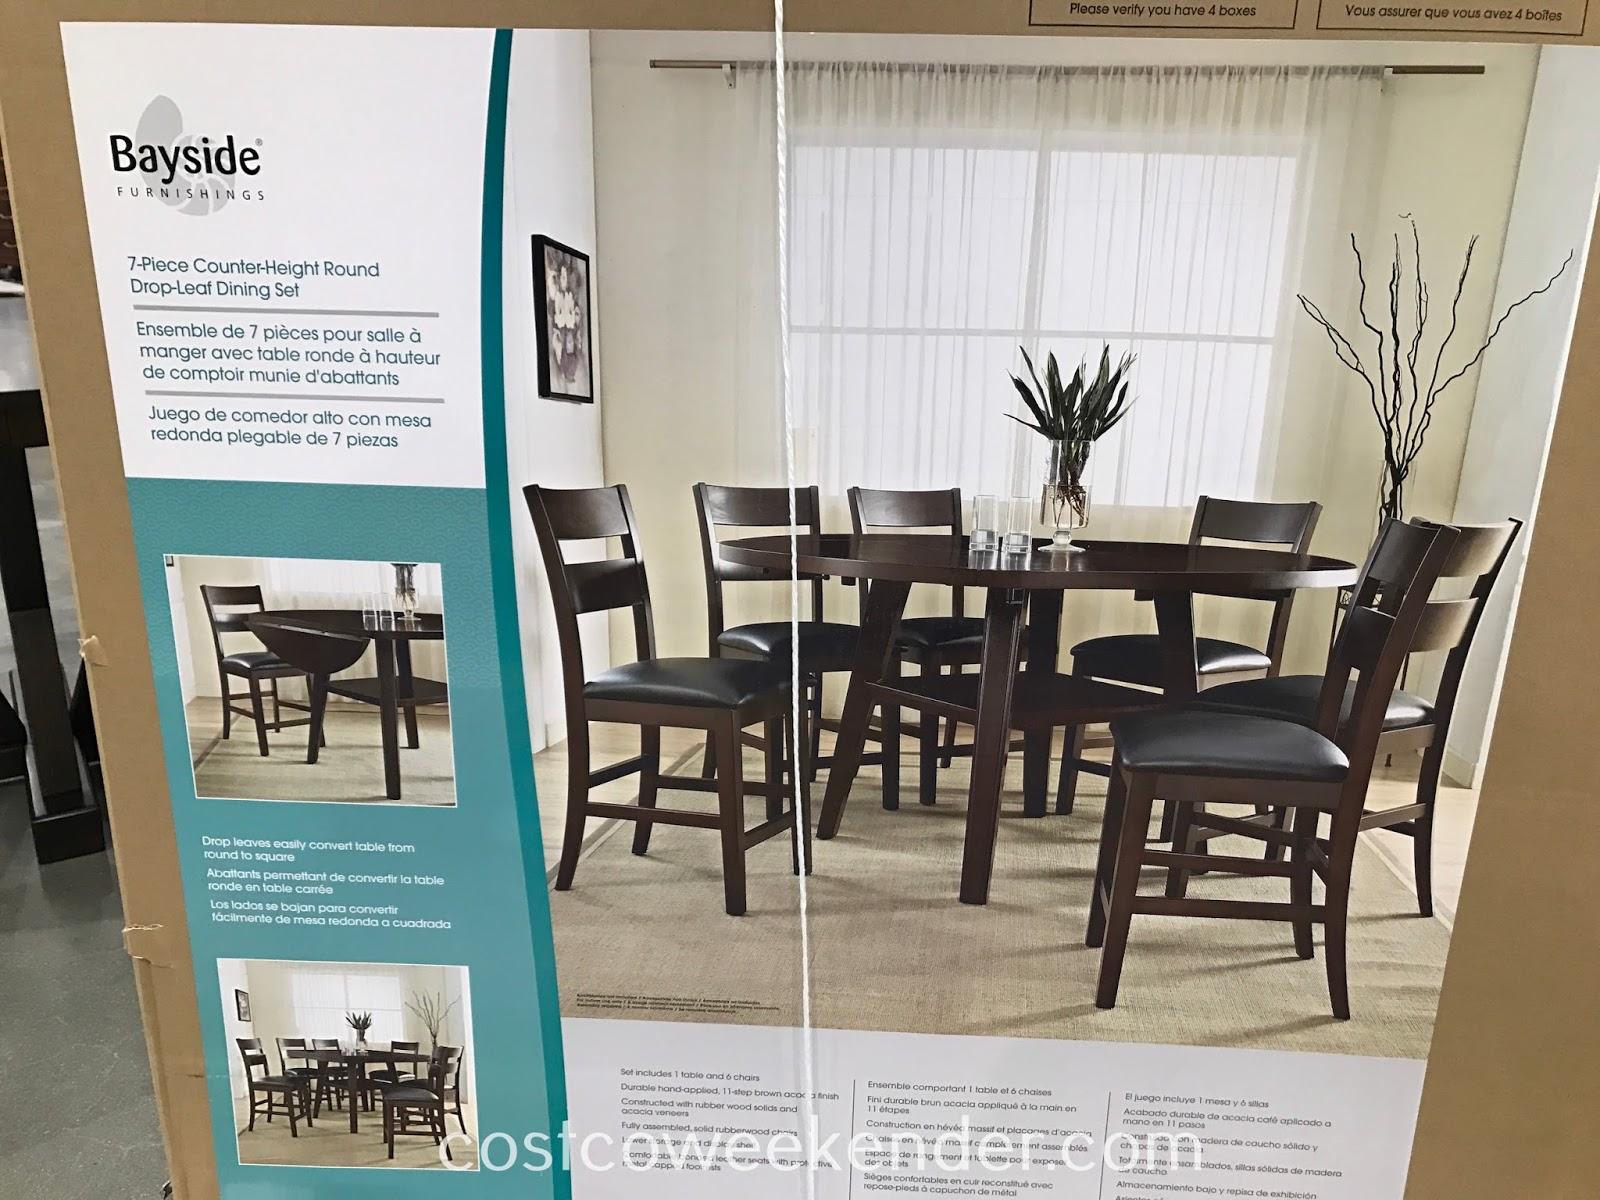 Mesa Plegable Lifetime Easy Adjustable Table Ki Height Adjustable